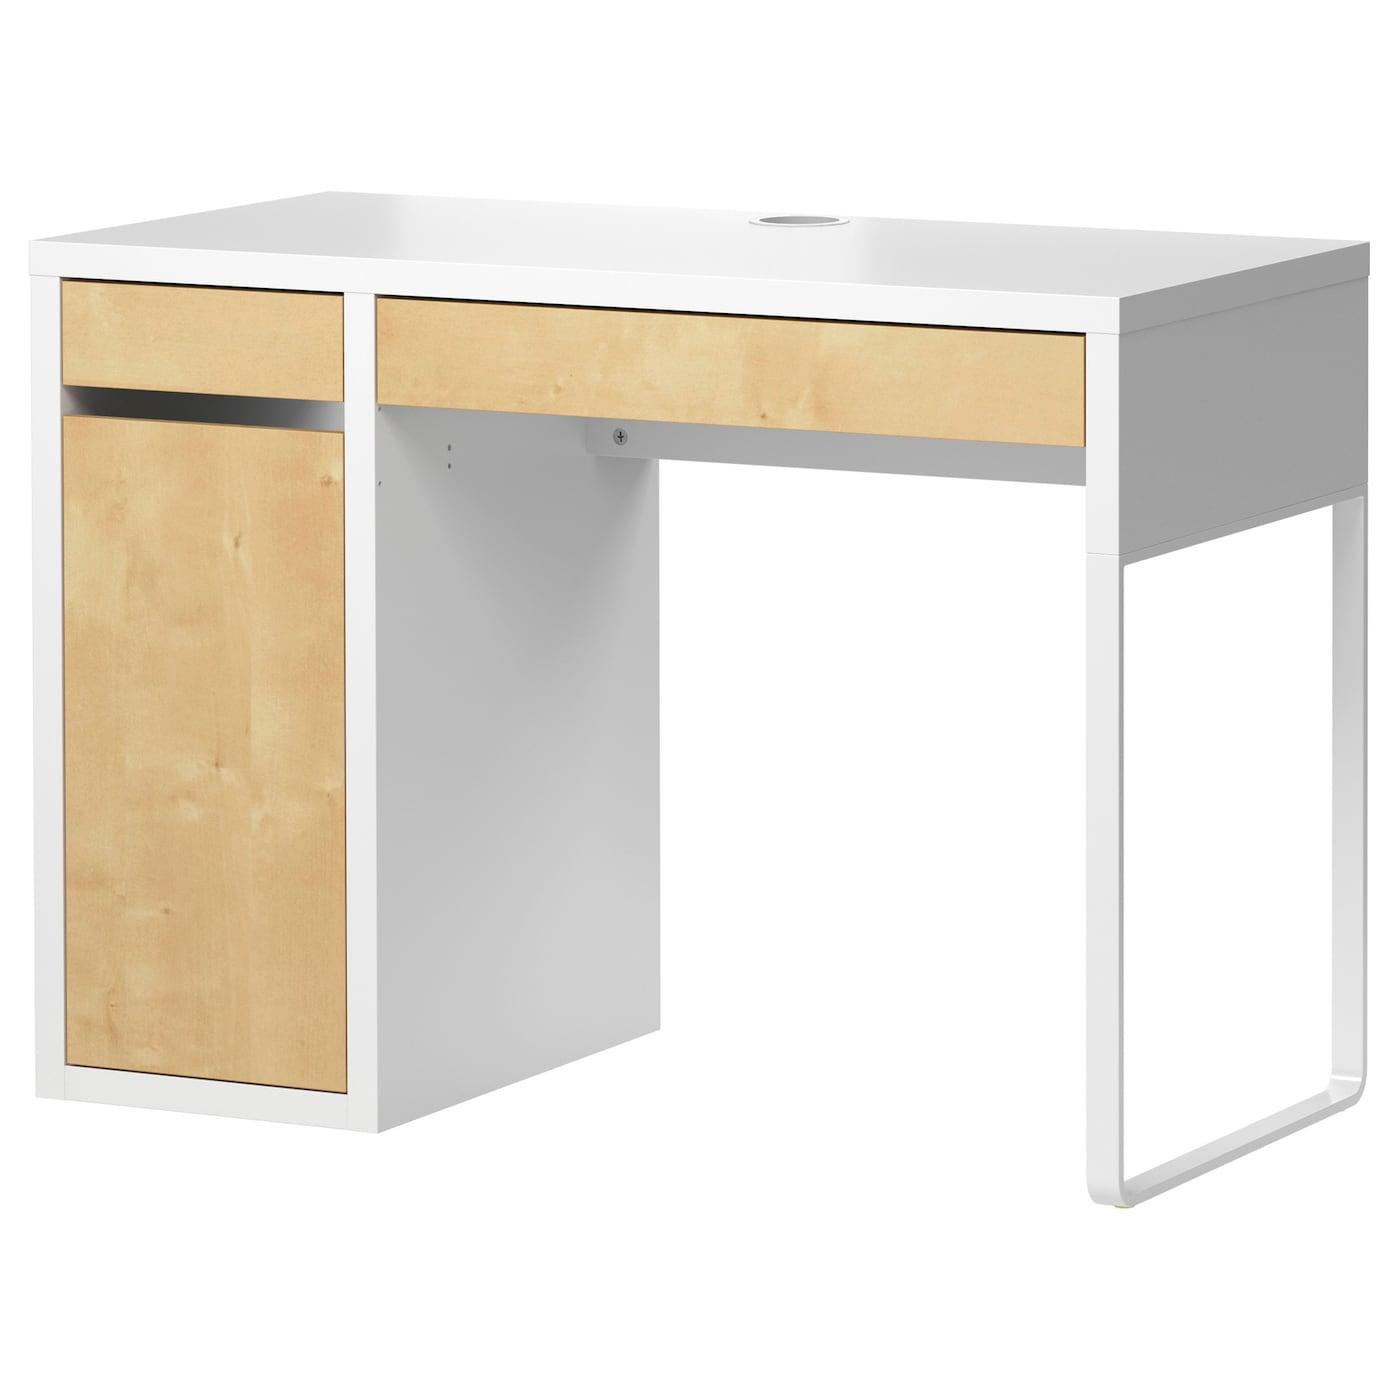 Magnificent Micke Desk White Birch Effect Download Free Architecture Designs Scobabritishbridgeorg